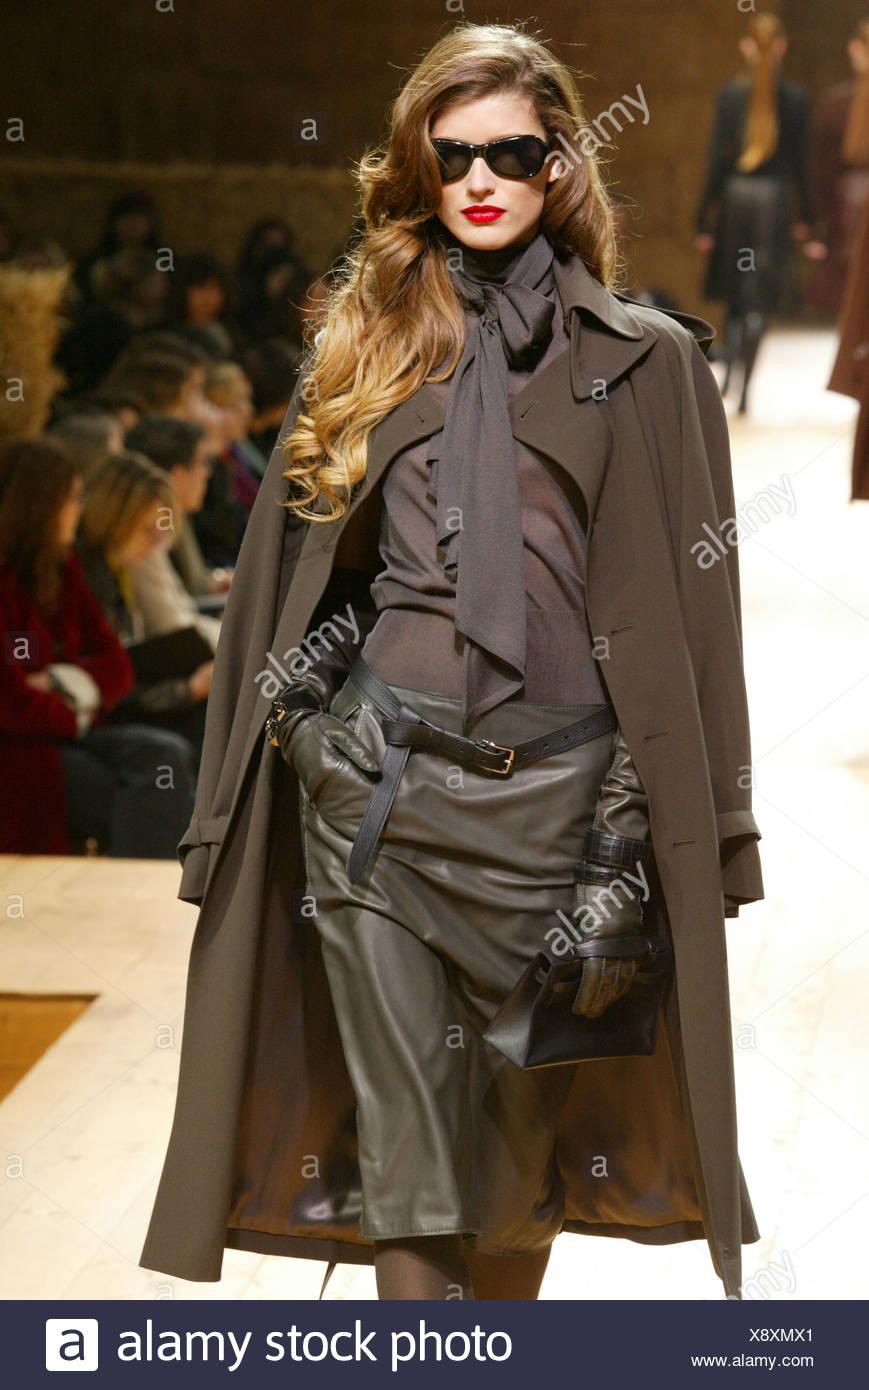 cb42a696af Hermes Paris listo para ponerse Otoño Invierno modelo morena de largo  cabello ondulado, lápiz labial